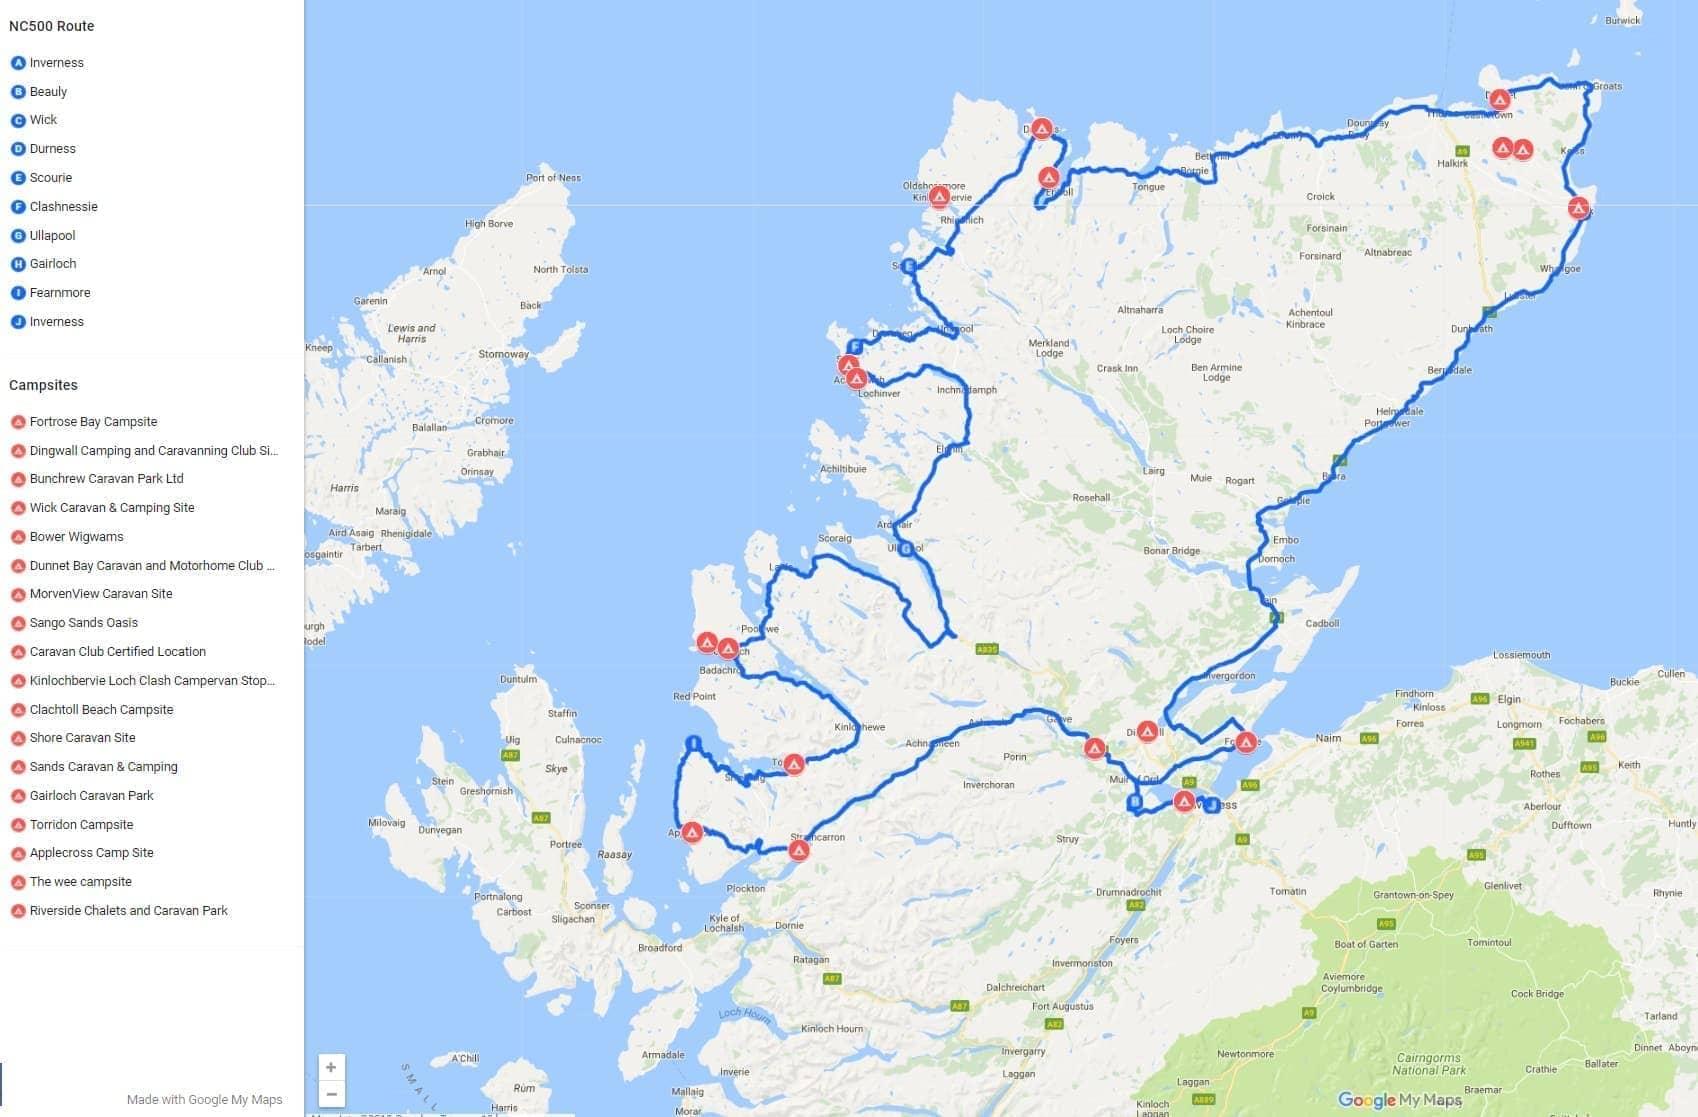 7 Day North Coast 500 Camping Itinerary